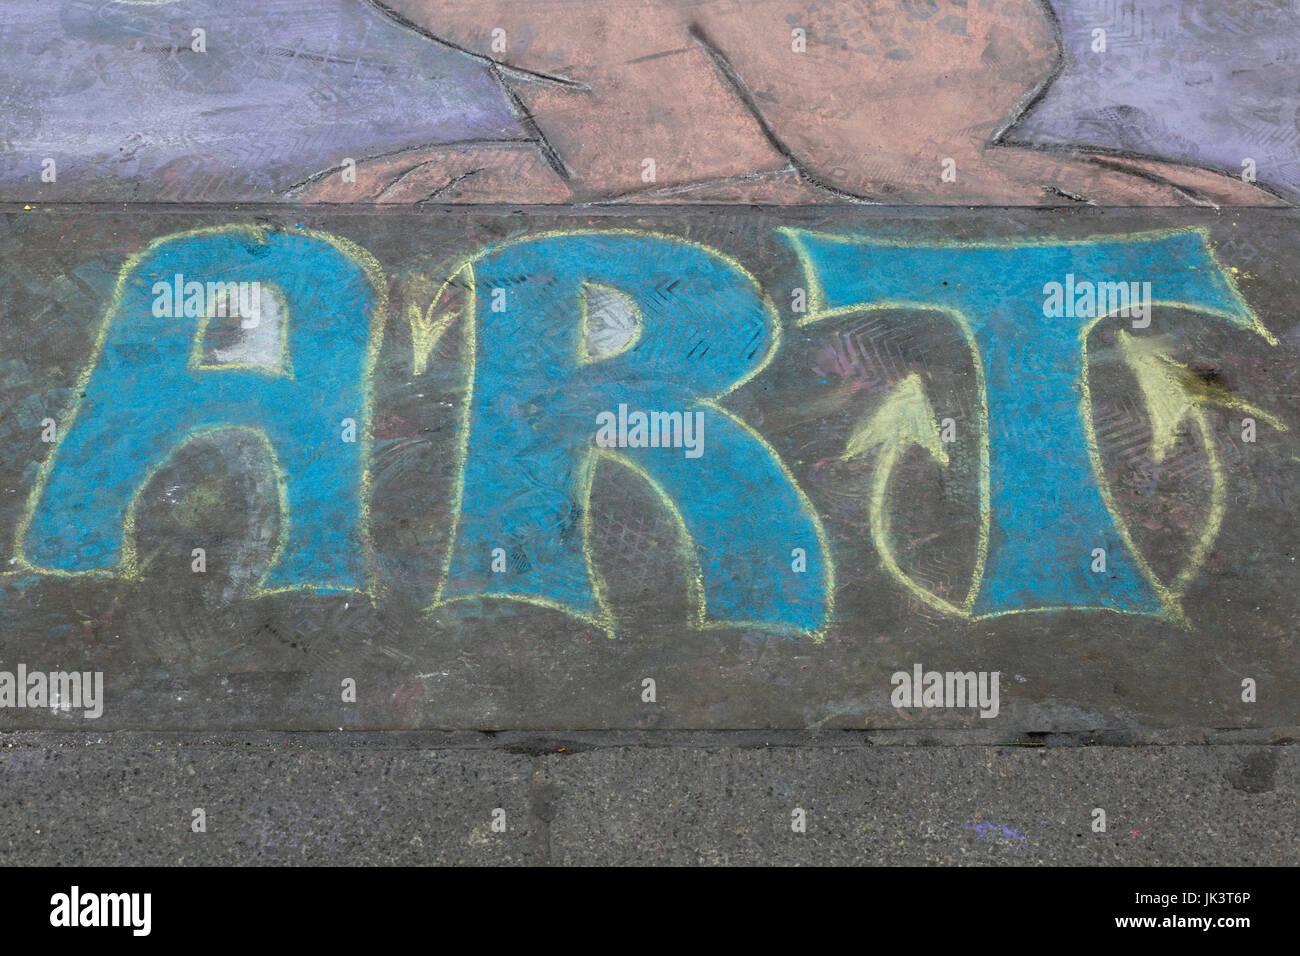 Art written in chalk on the sidewalk - Stock Image